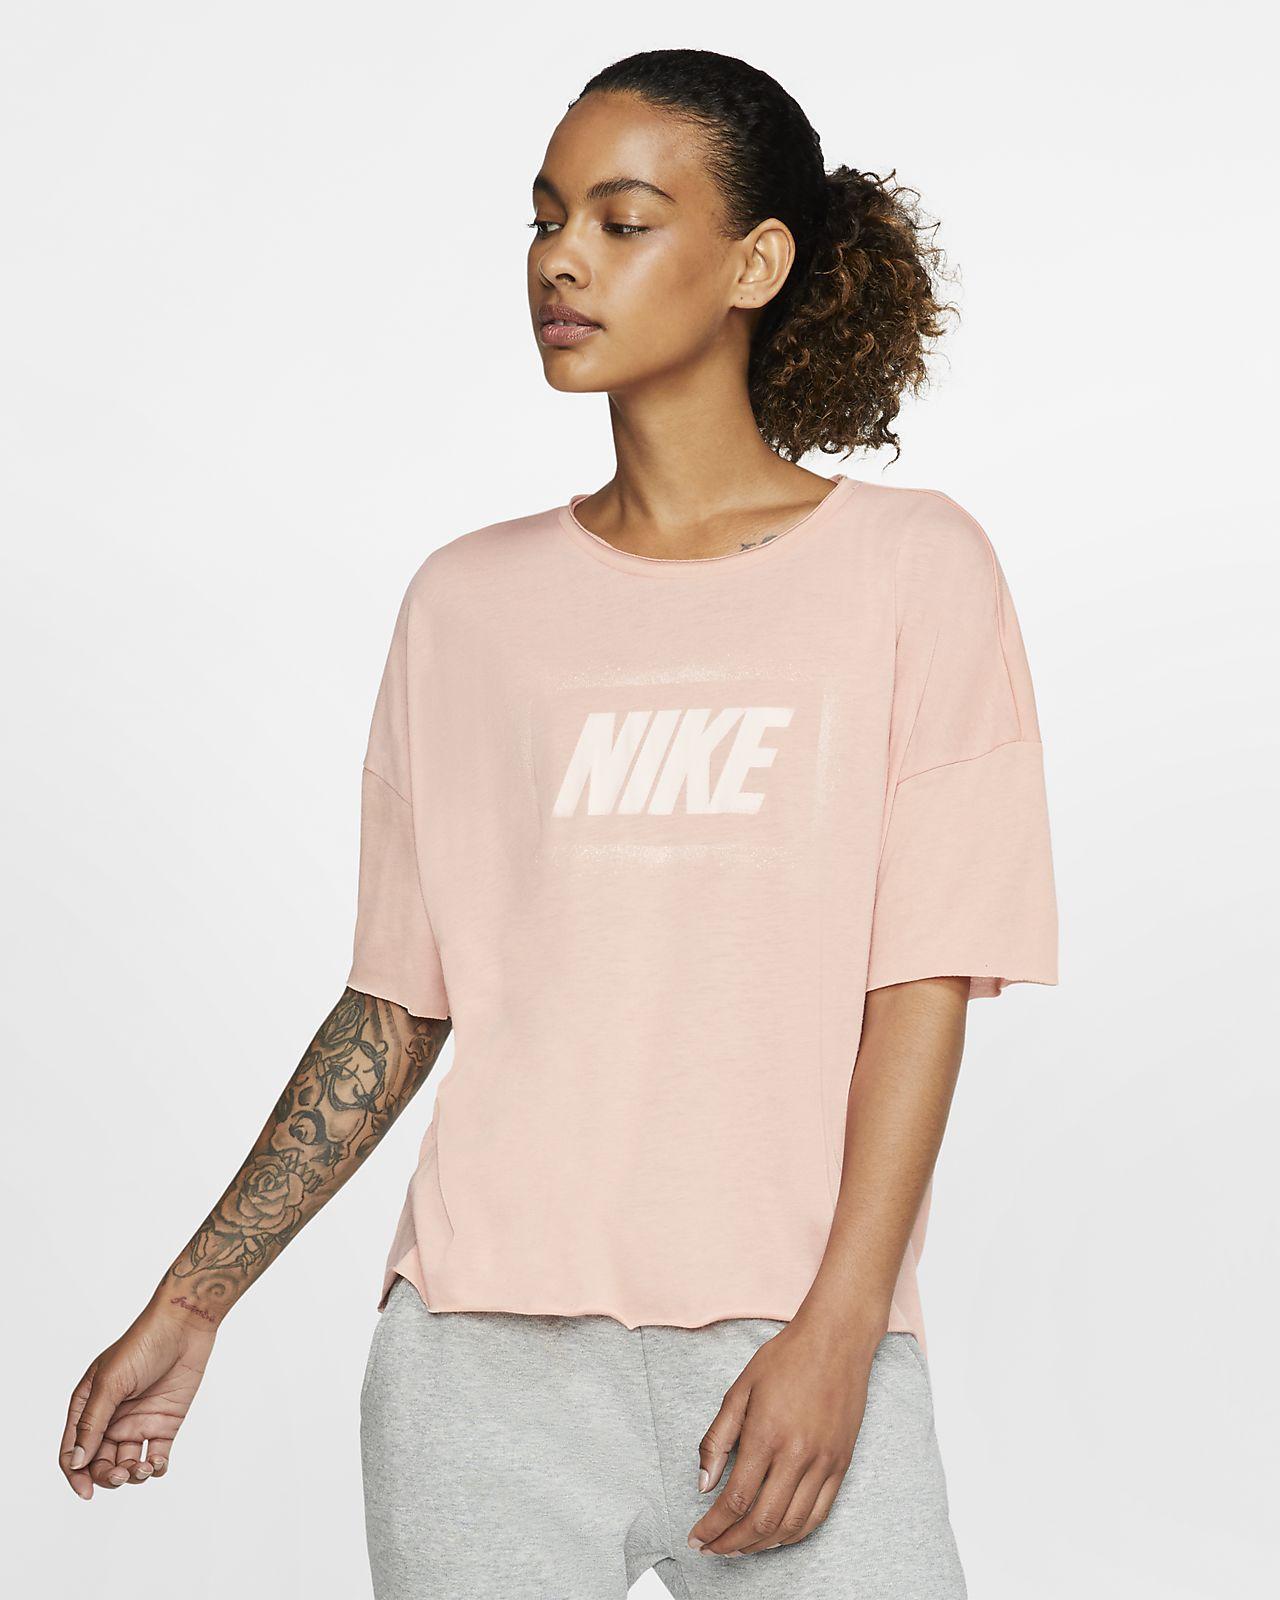 Nike Dri-FIT Camiseta de entrenamiento de manga corta con estampado - Mujer